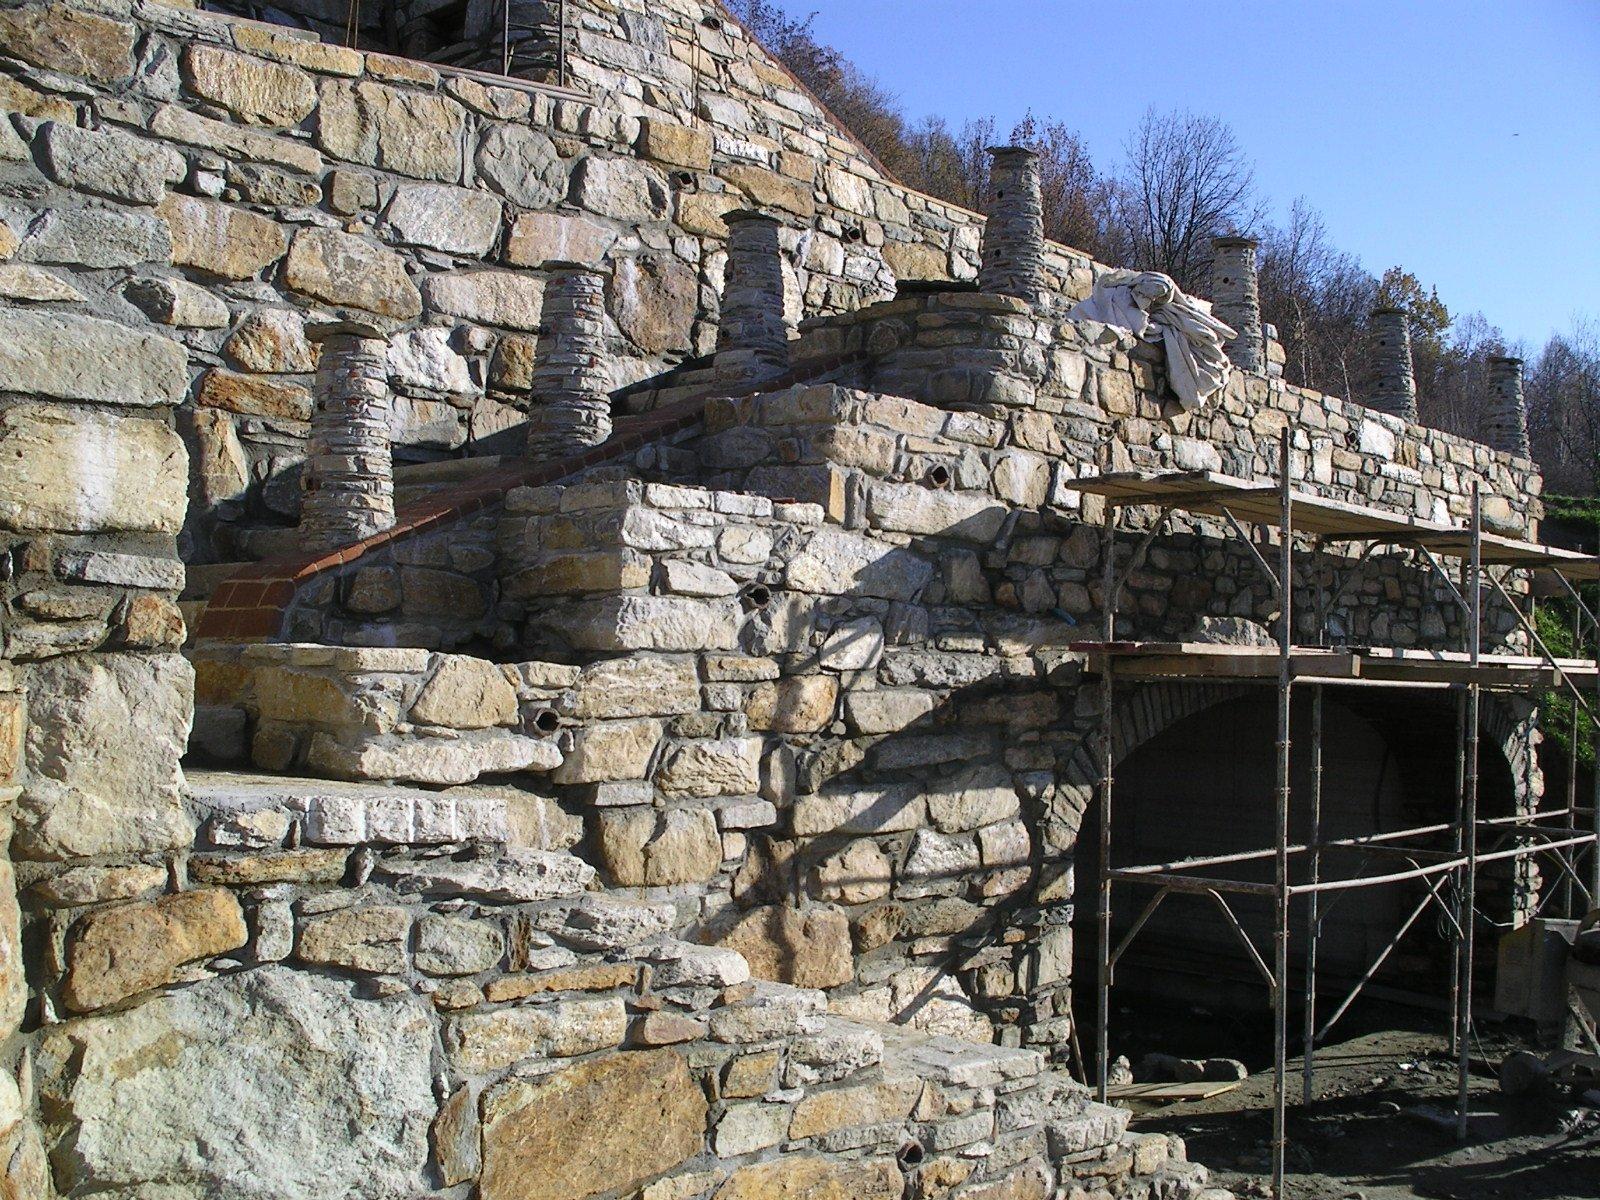 struttura in pietra con ponteggi